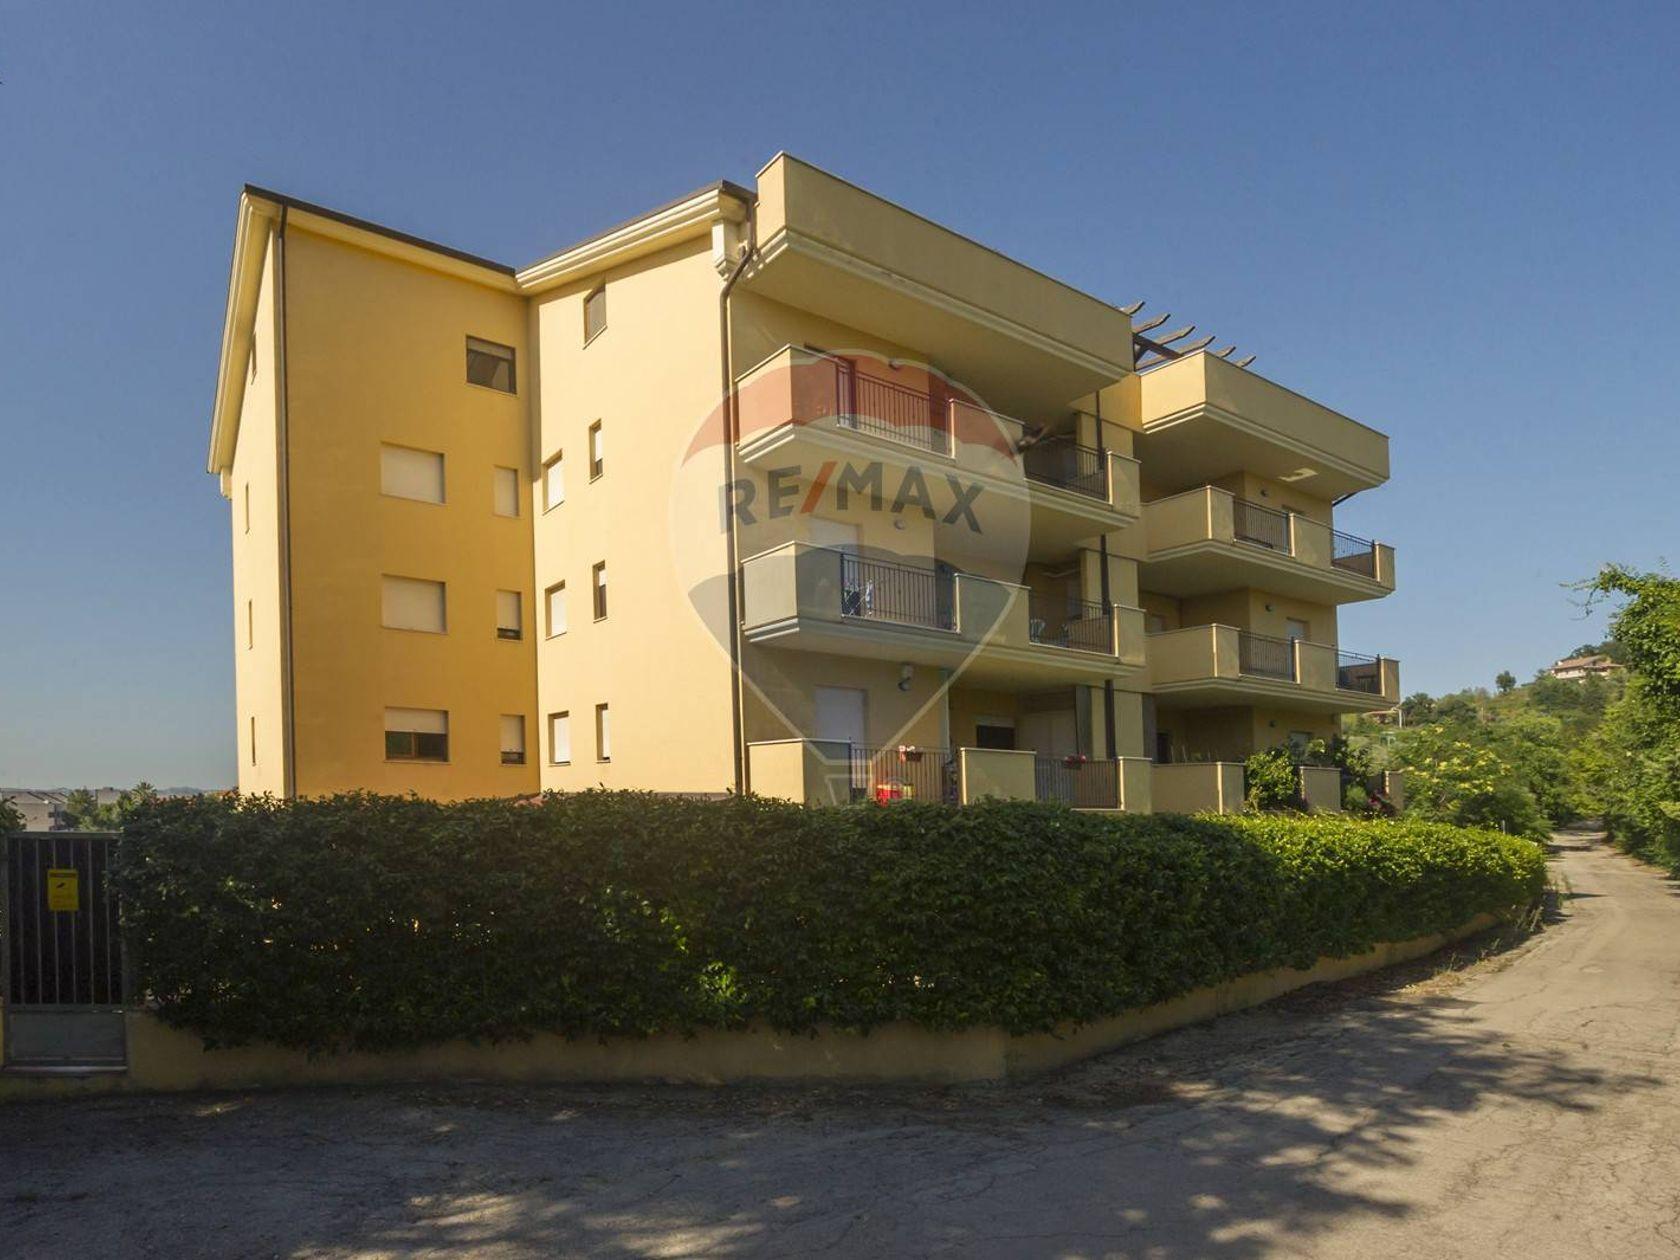 Appartamento Madonna delle Piane, Chieti, CH Vendita